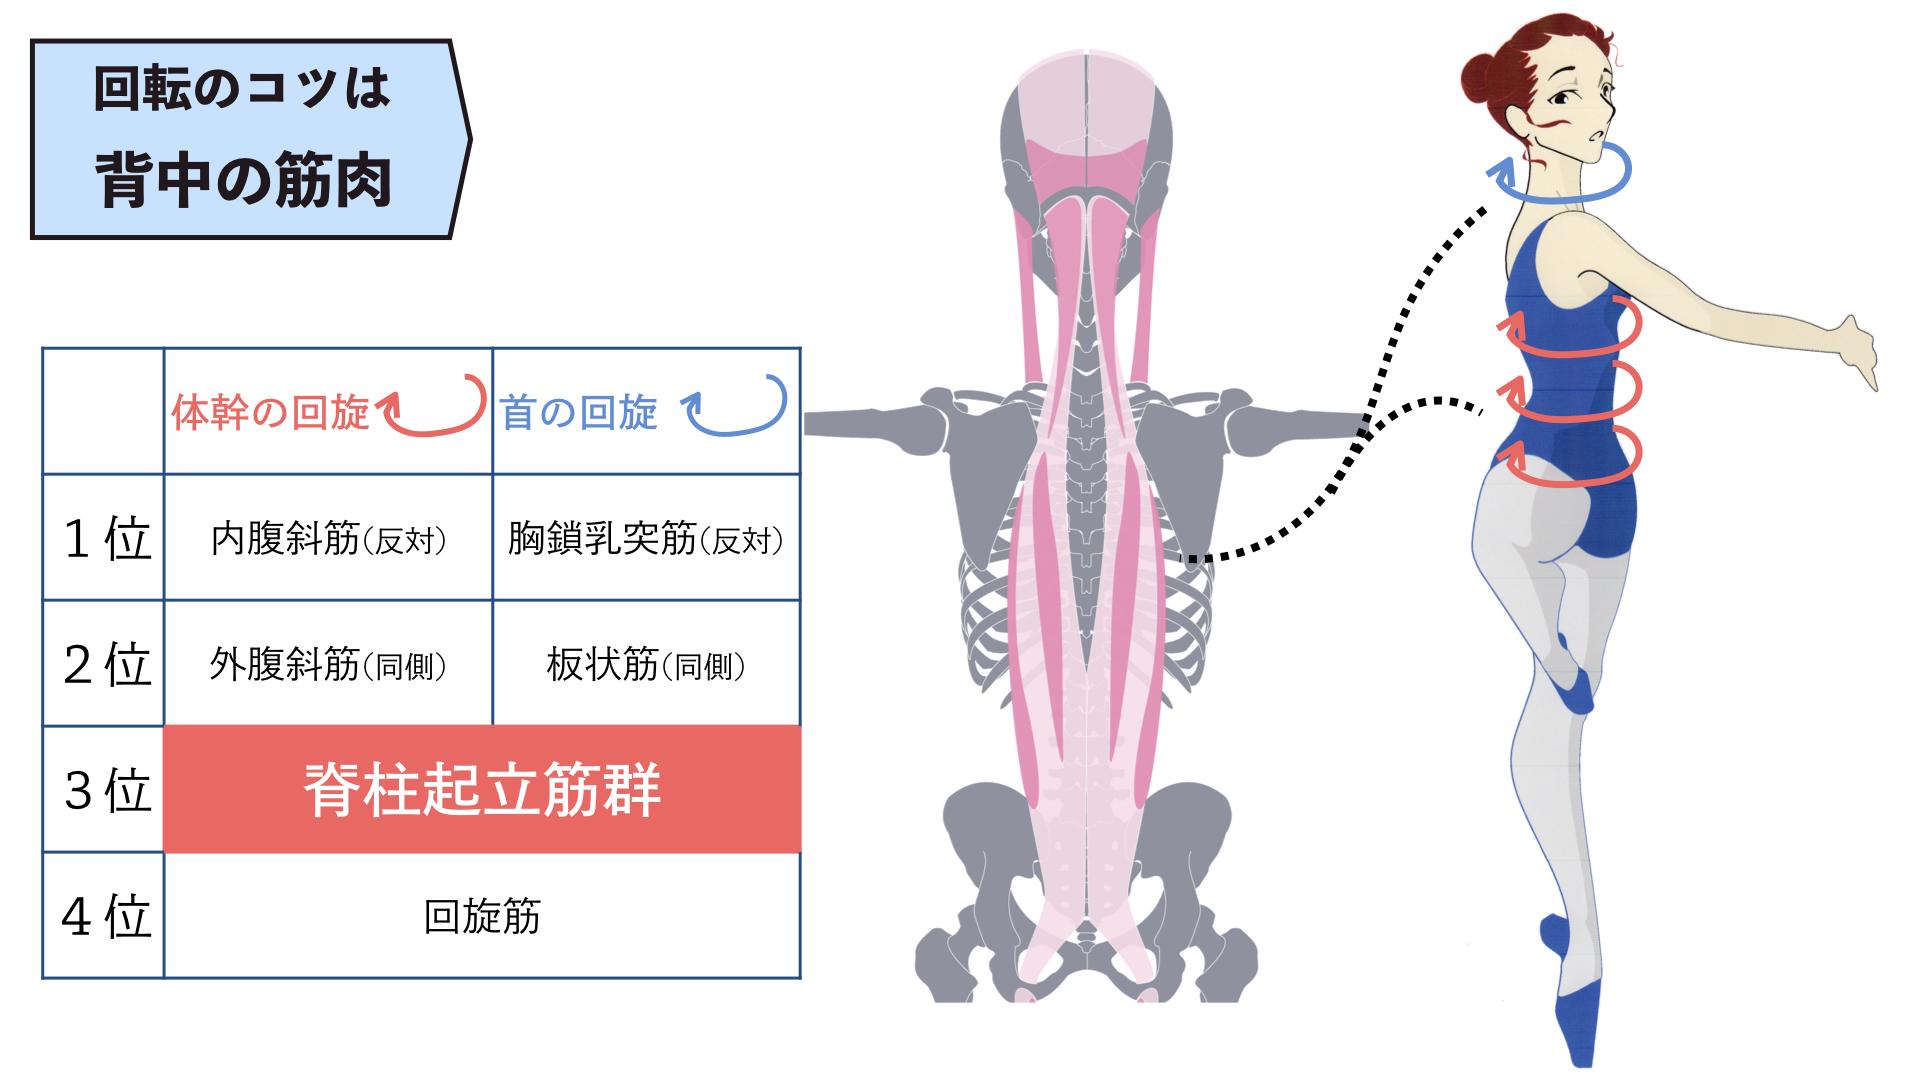 回転で使う筋肉